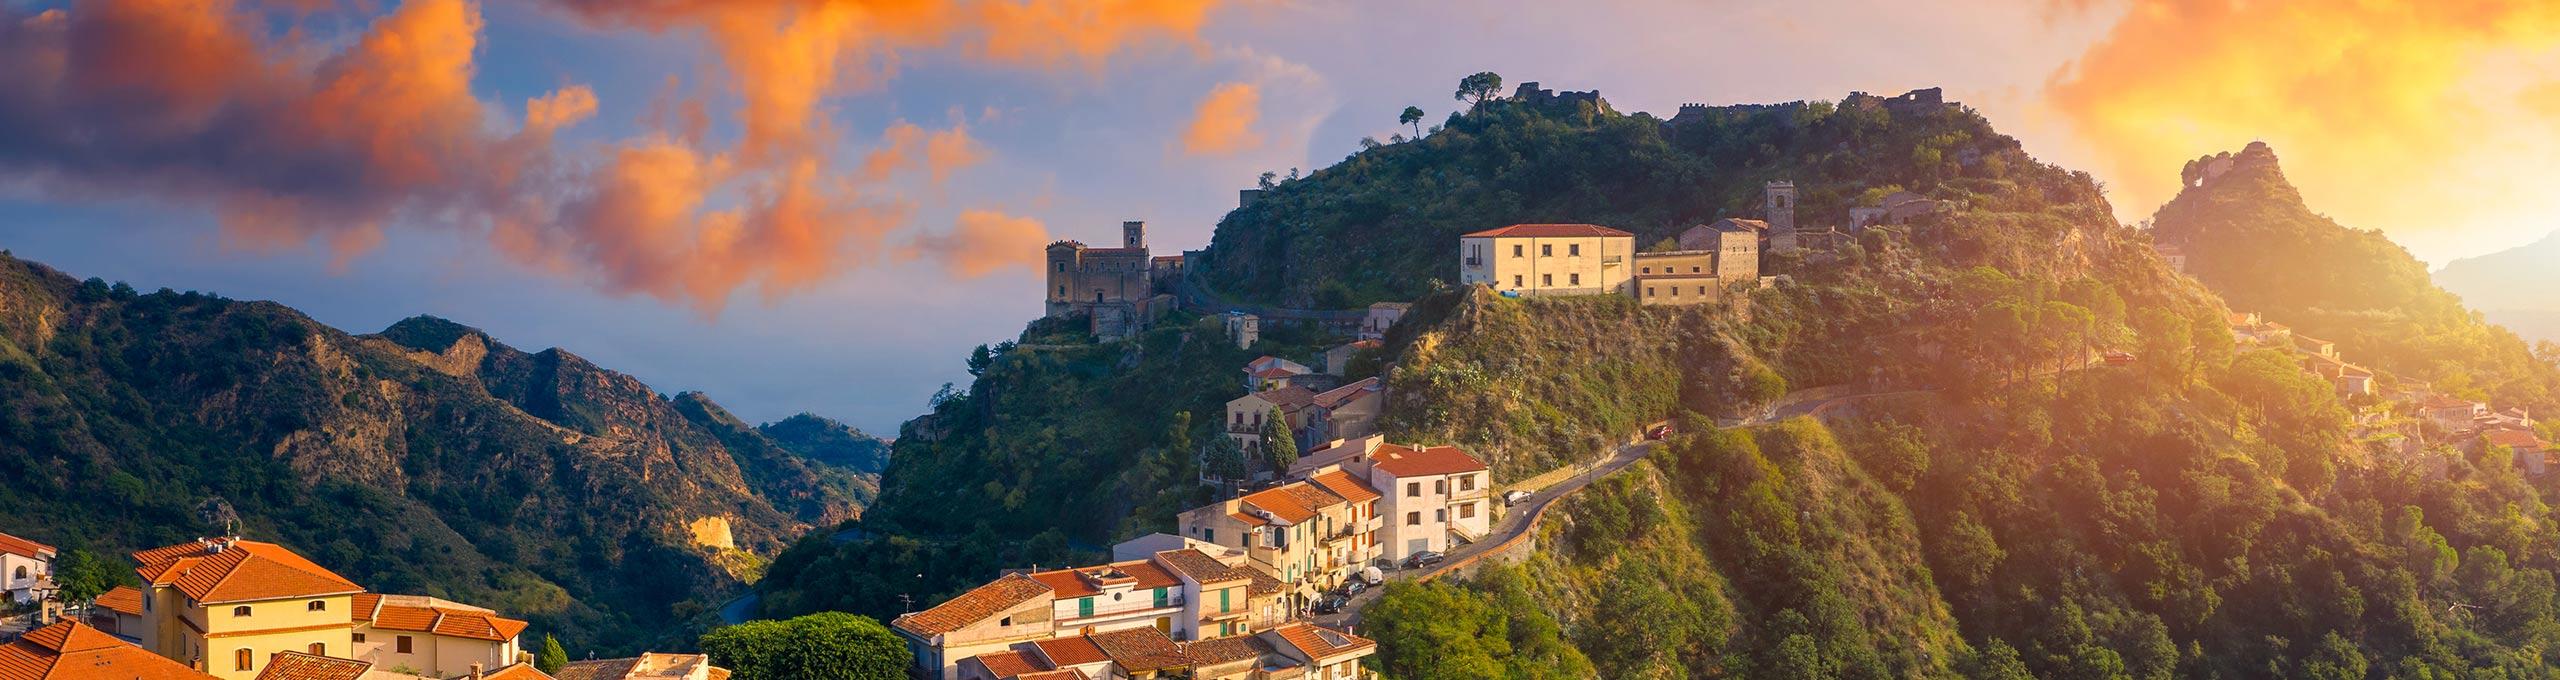 Vista aerea di Savoca, comune dell'entroterra di Taormina